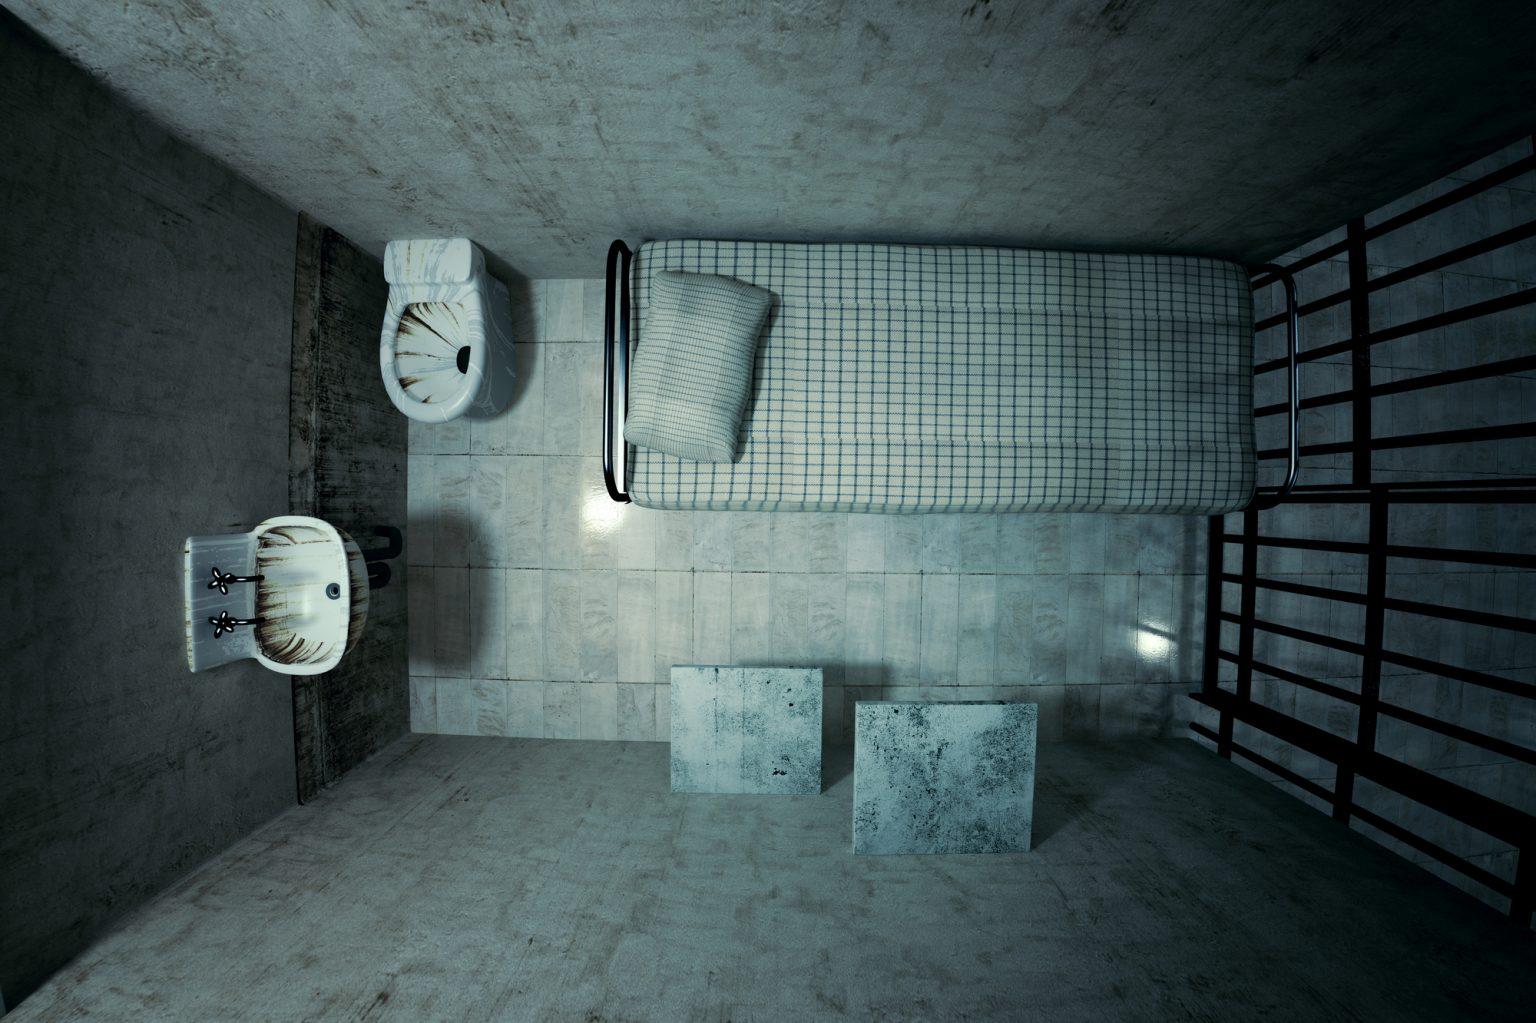 Dónde hacer un Escape Room en casa